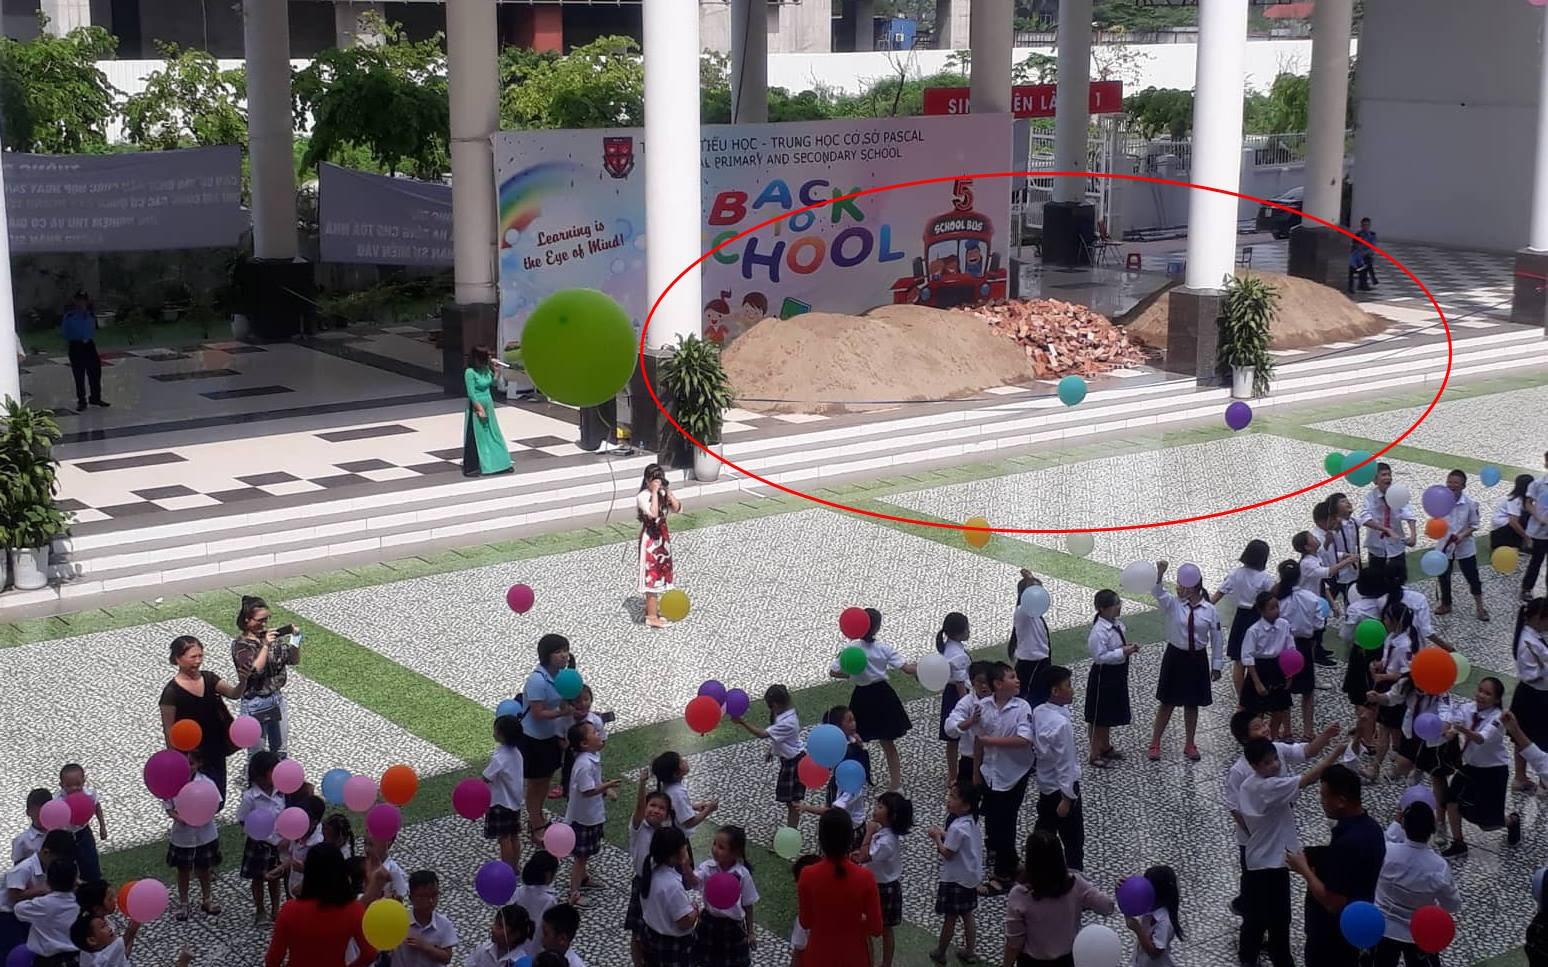 Hà Nội: Hơn một nghìn học sinh phải đi khai giảng nhờ ở trường khác vì sân trường bị đổ đầy vật liệu xây dựng